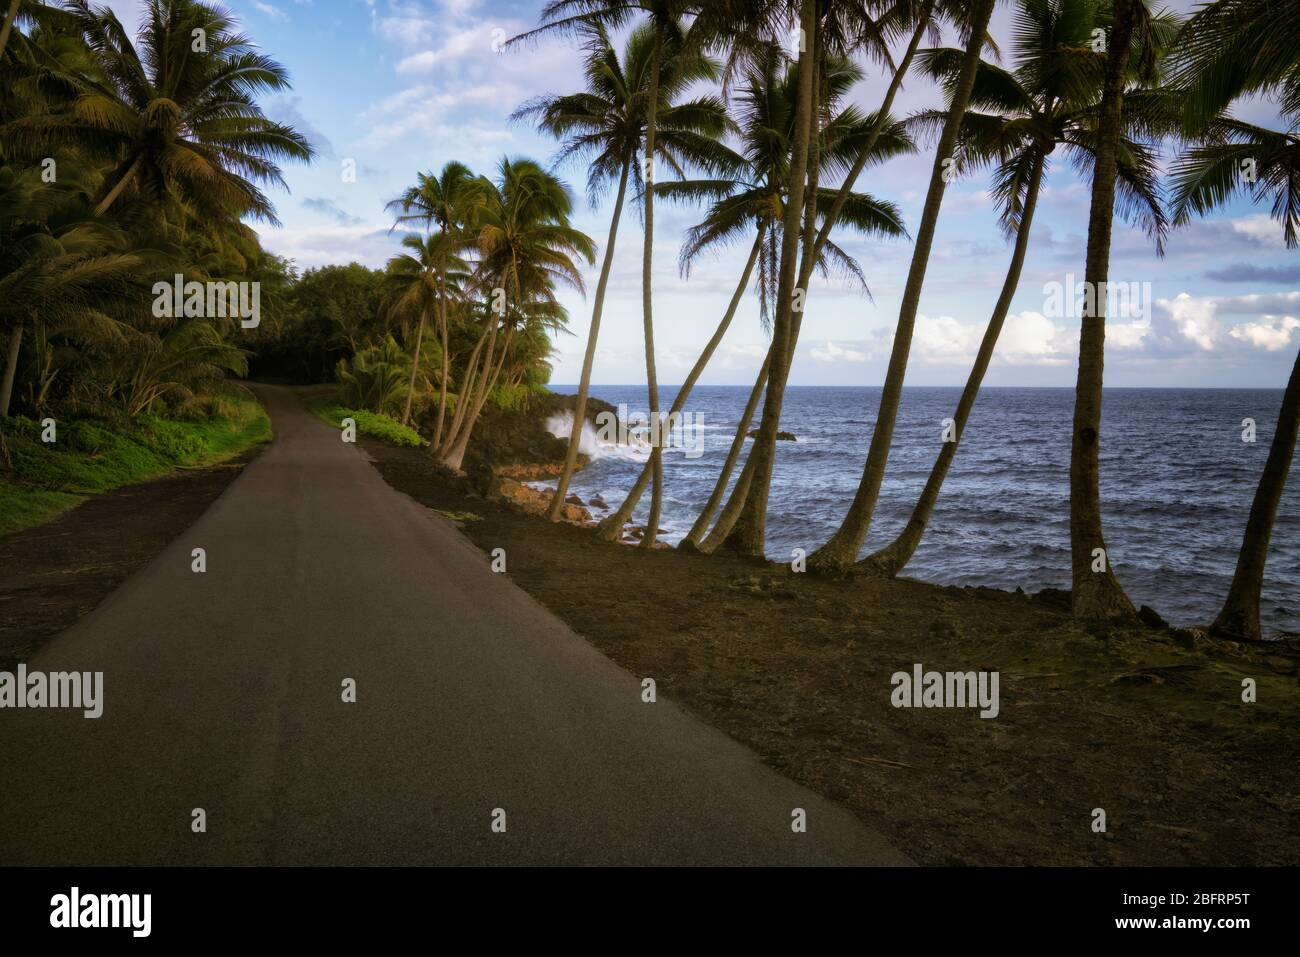 La route 137, connue sous le nom de Red Road, longe la côte du district de Puna, offrant des vues incroyables le long de la Grande île d'Hawaï. Banque D'Images